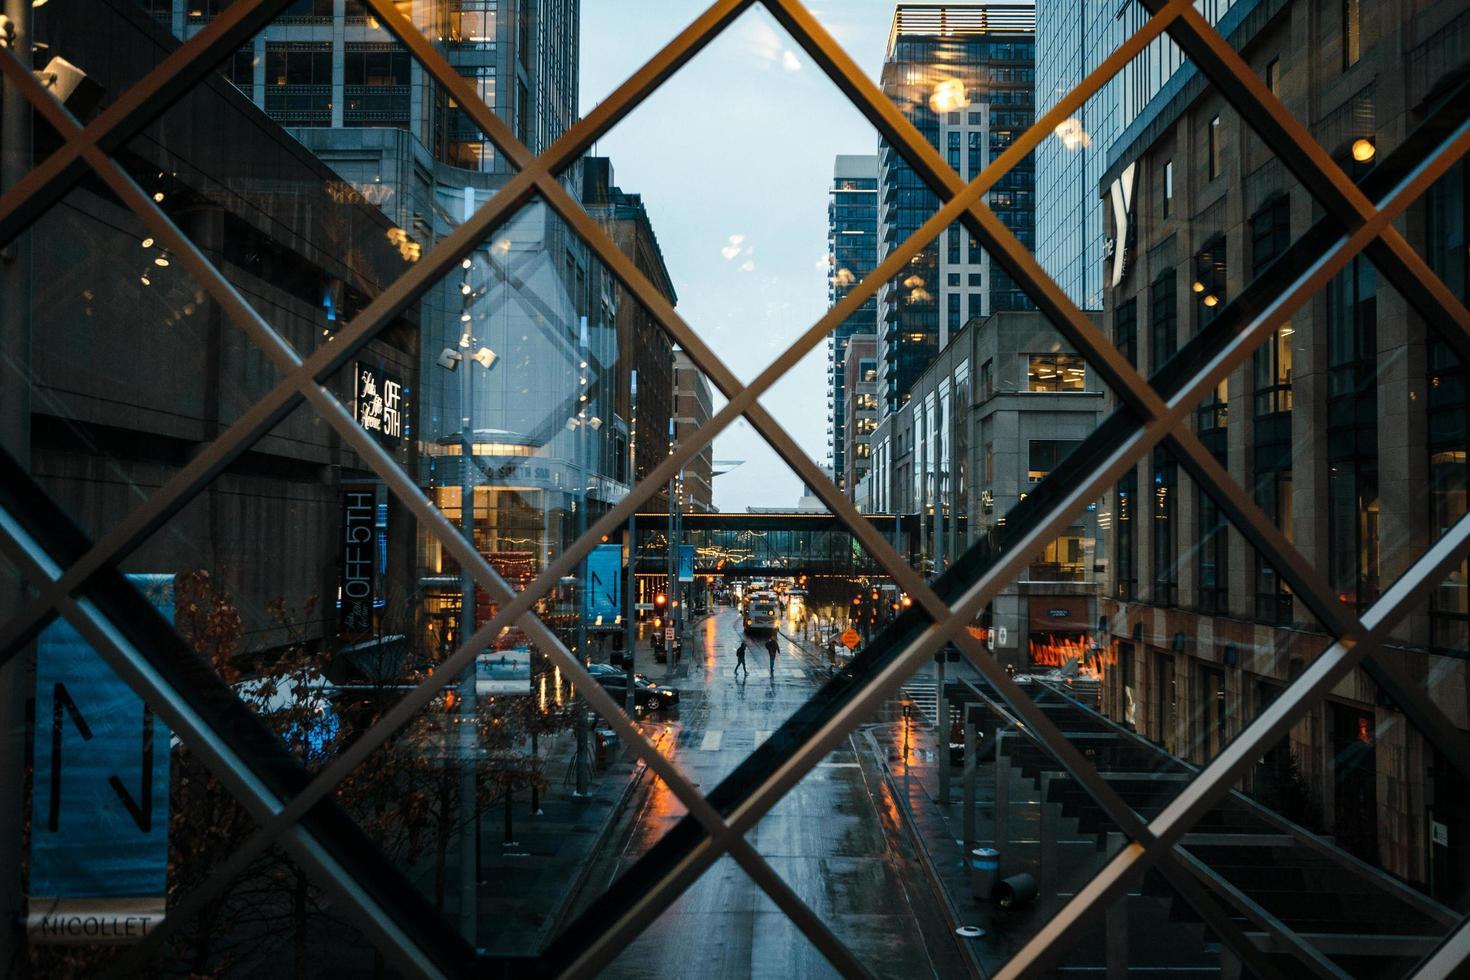 vista del paisaje urbano desde el puente foto